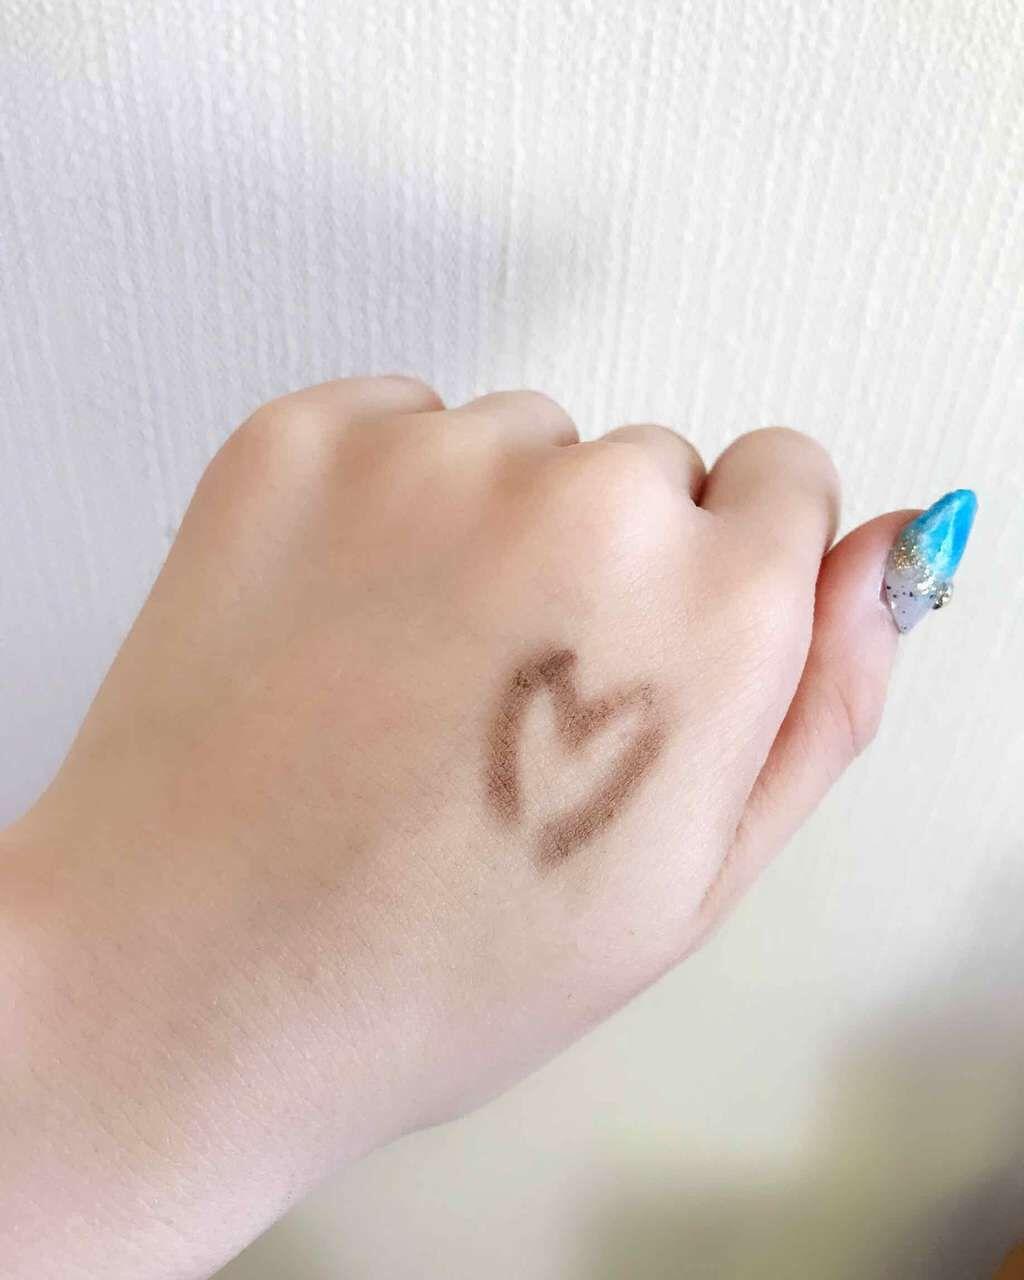 「リップだけじゃないんです!カラーが可愛い「リップ以外のクレヨンコスメ」5選」の画像(#30606)